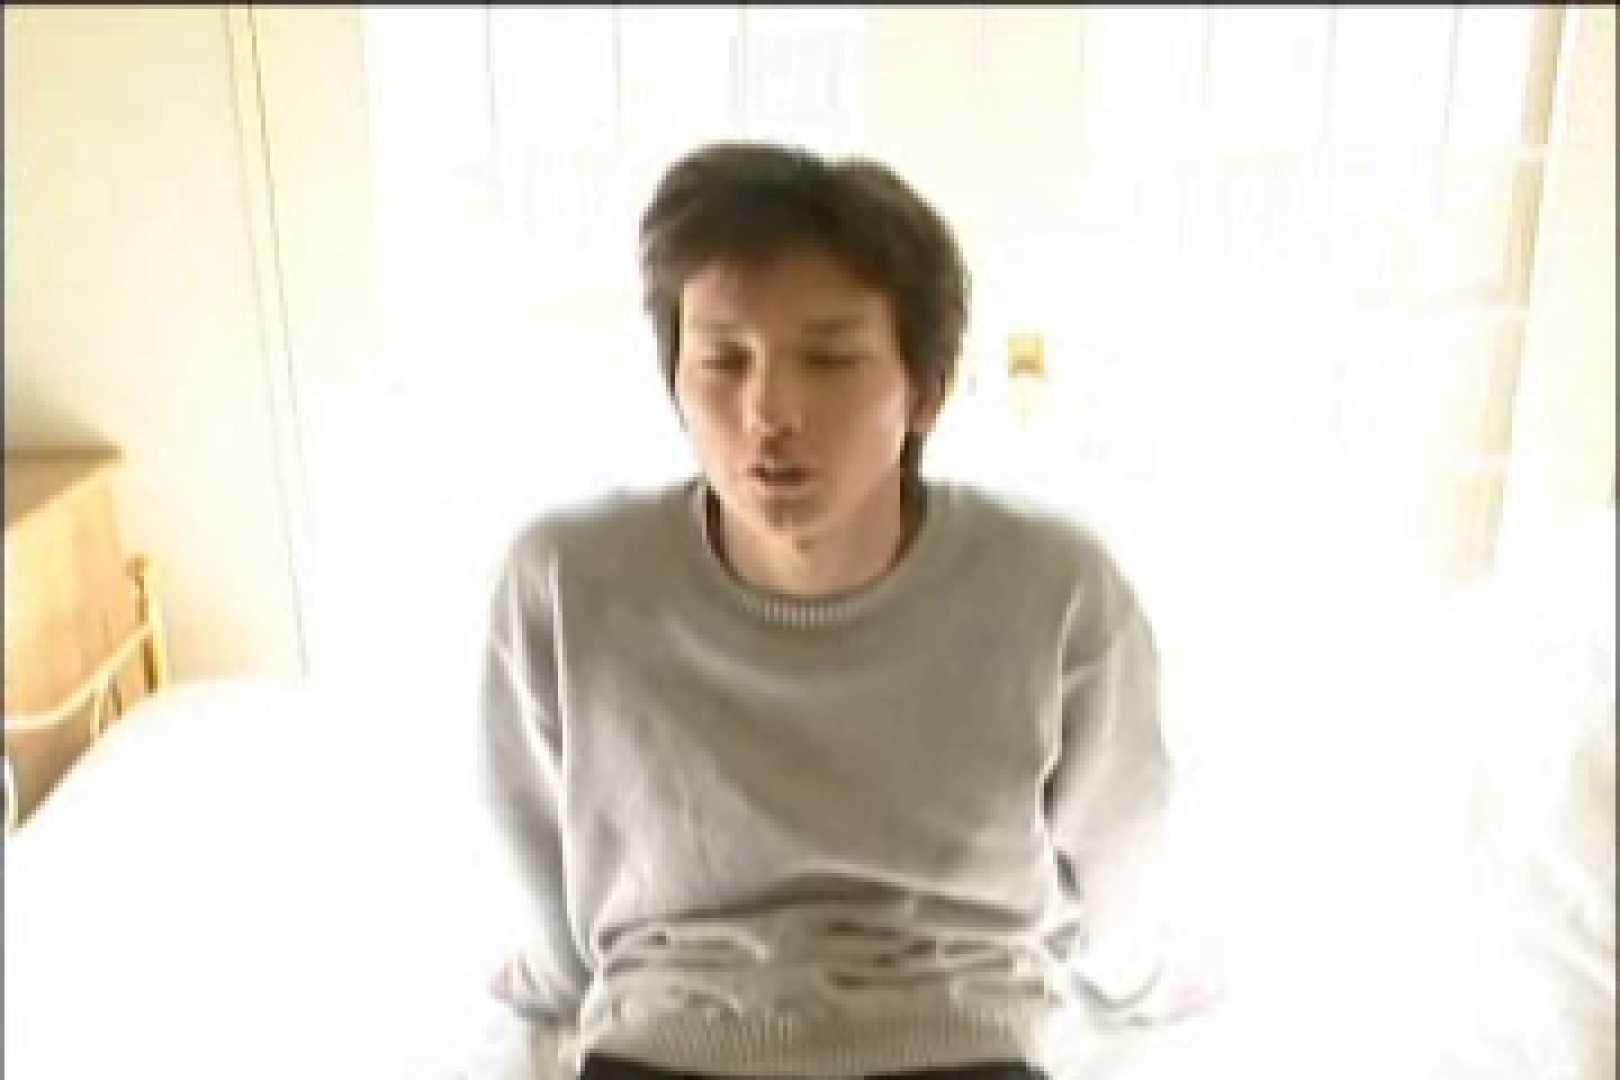 イケメン☆パラダイス〜男ざかりの君たちへ〜vol.26 男どうし 男同士動画 95pic 34